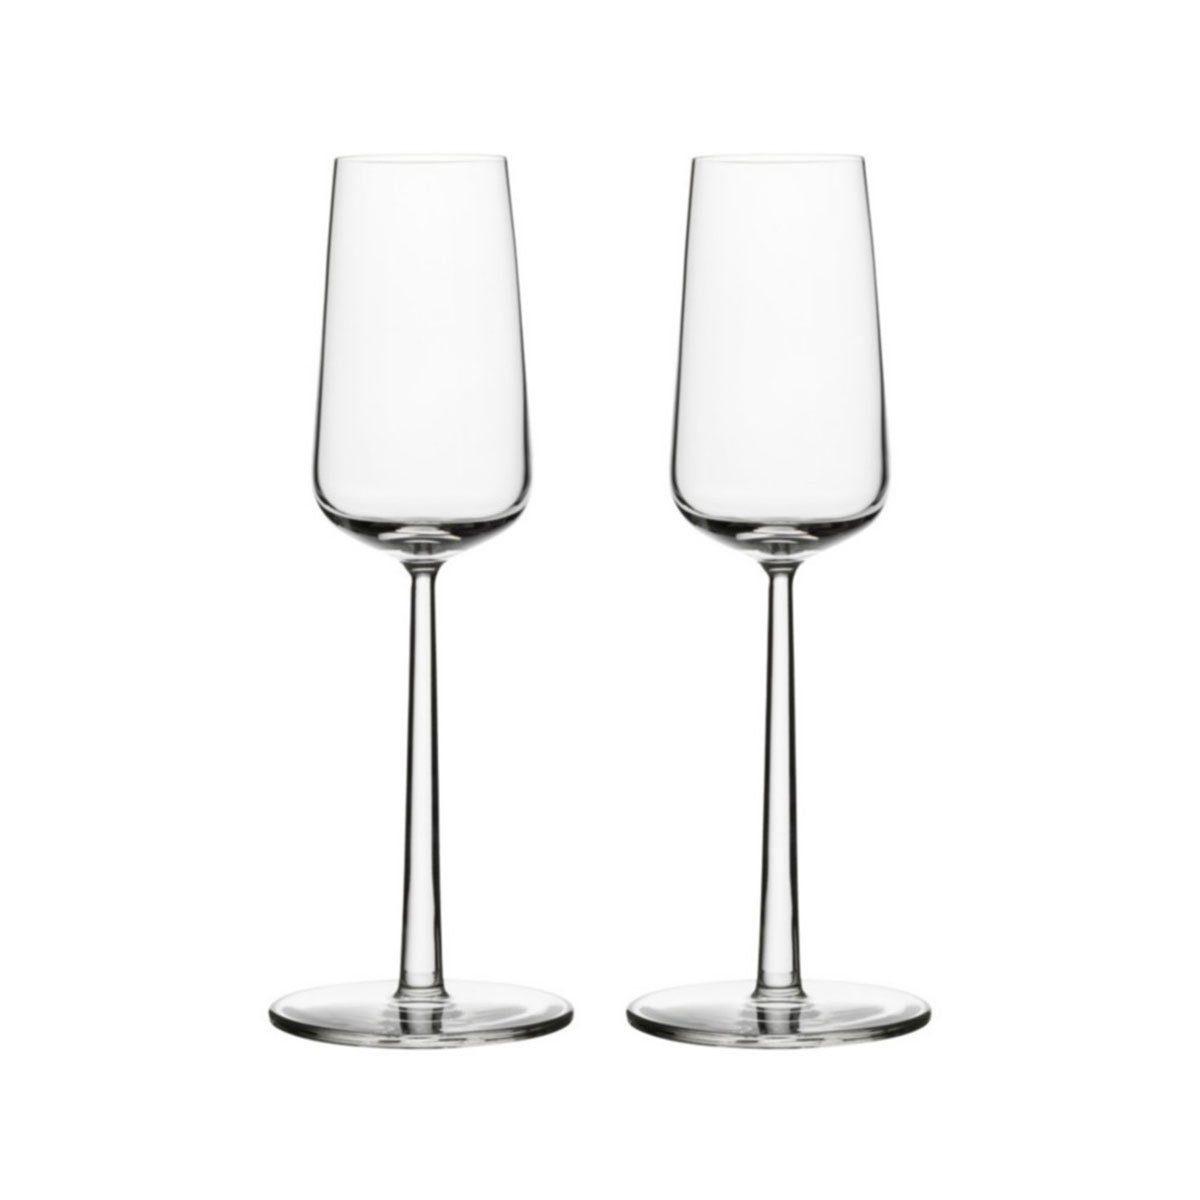 IITTALA Iittala Champagnerglas ESSENCE - 21cl, 2er Set